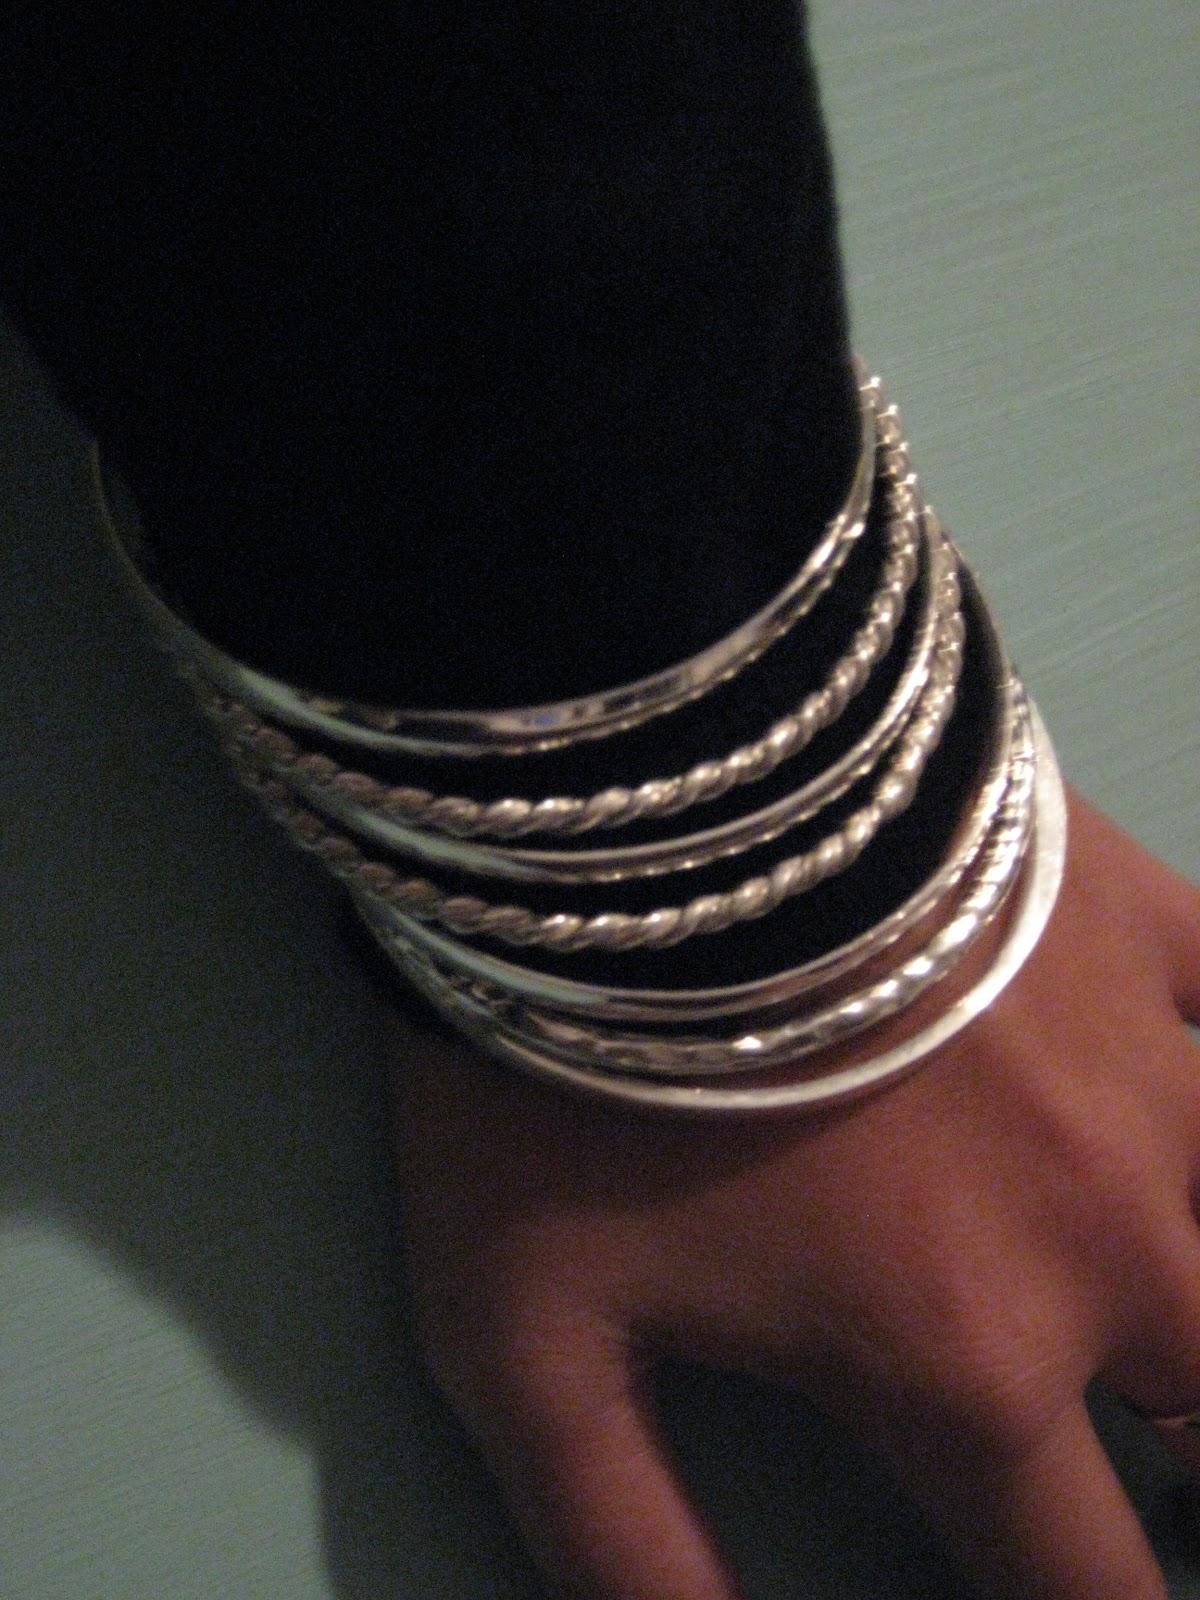 http://2.bp.blogspot.com/_V-Kb5CkvixM/TSPxAYHF9QI/AAAAAAAAAGU/1byAa6QF64o/s1600/bangles.jpg